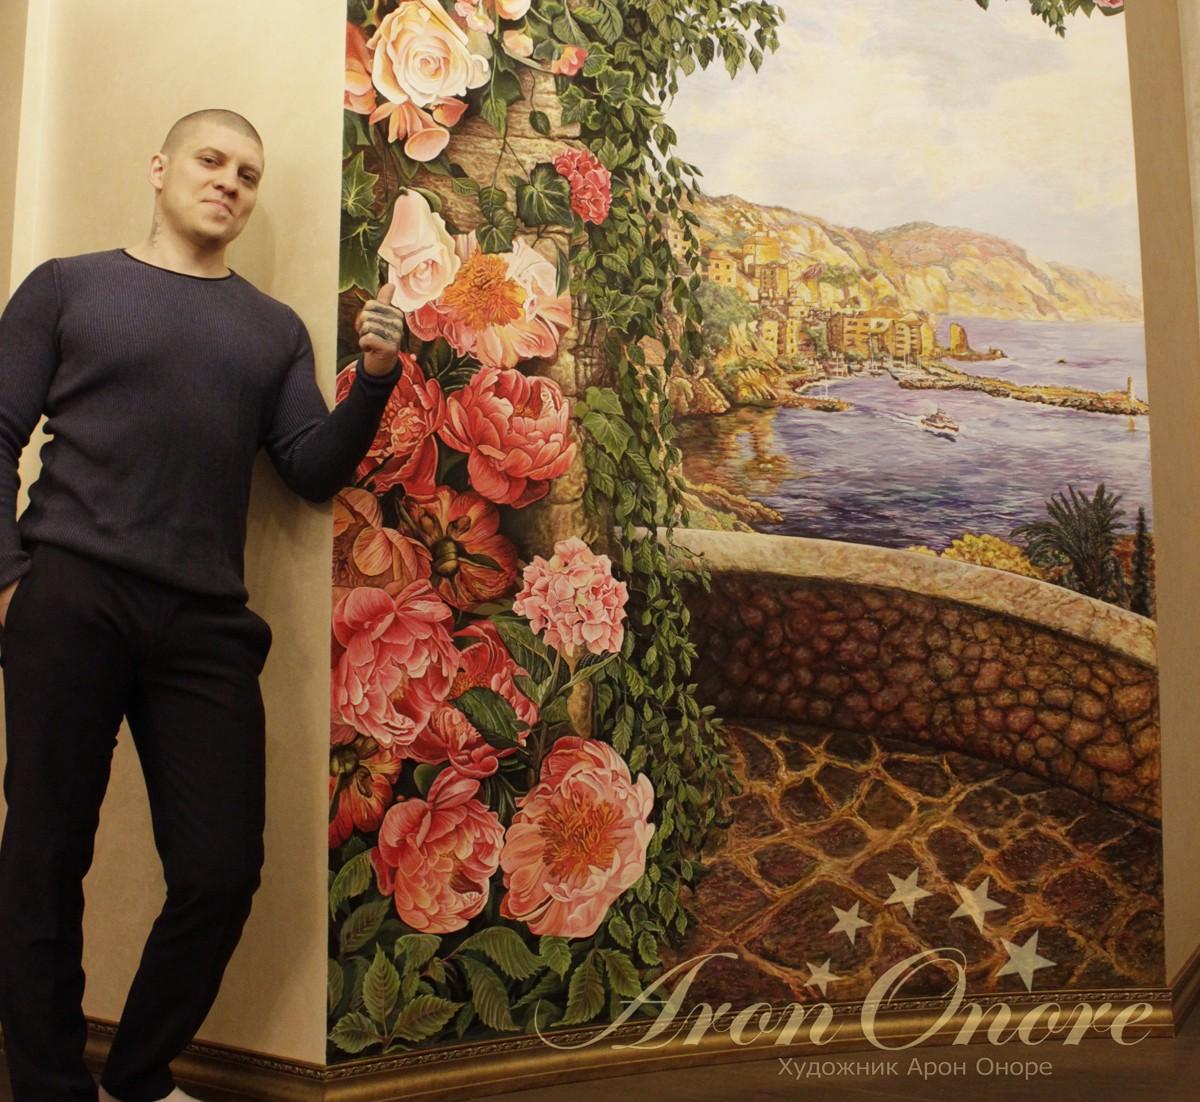 Арон Художник живопись на стене